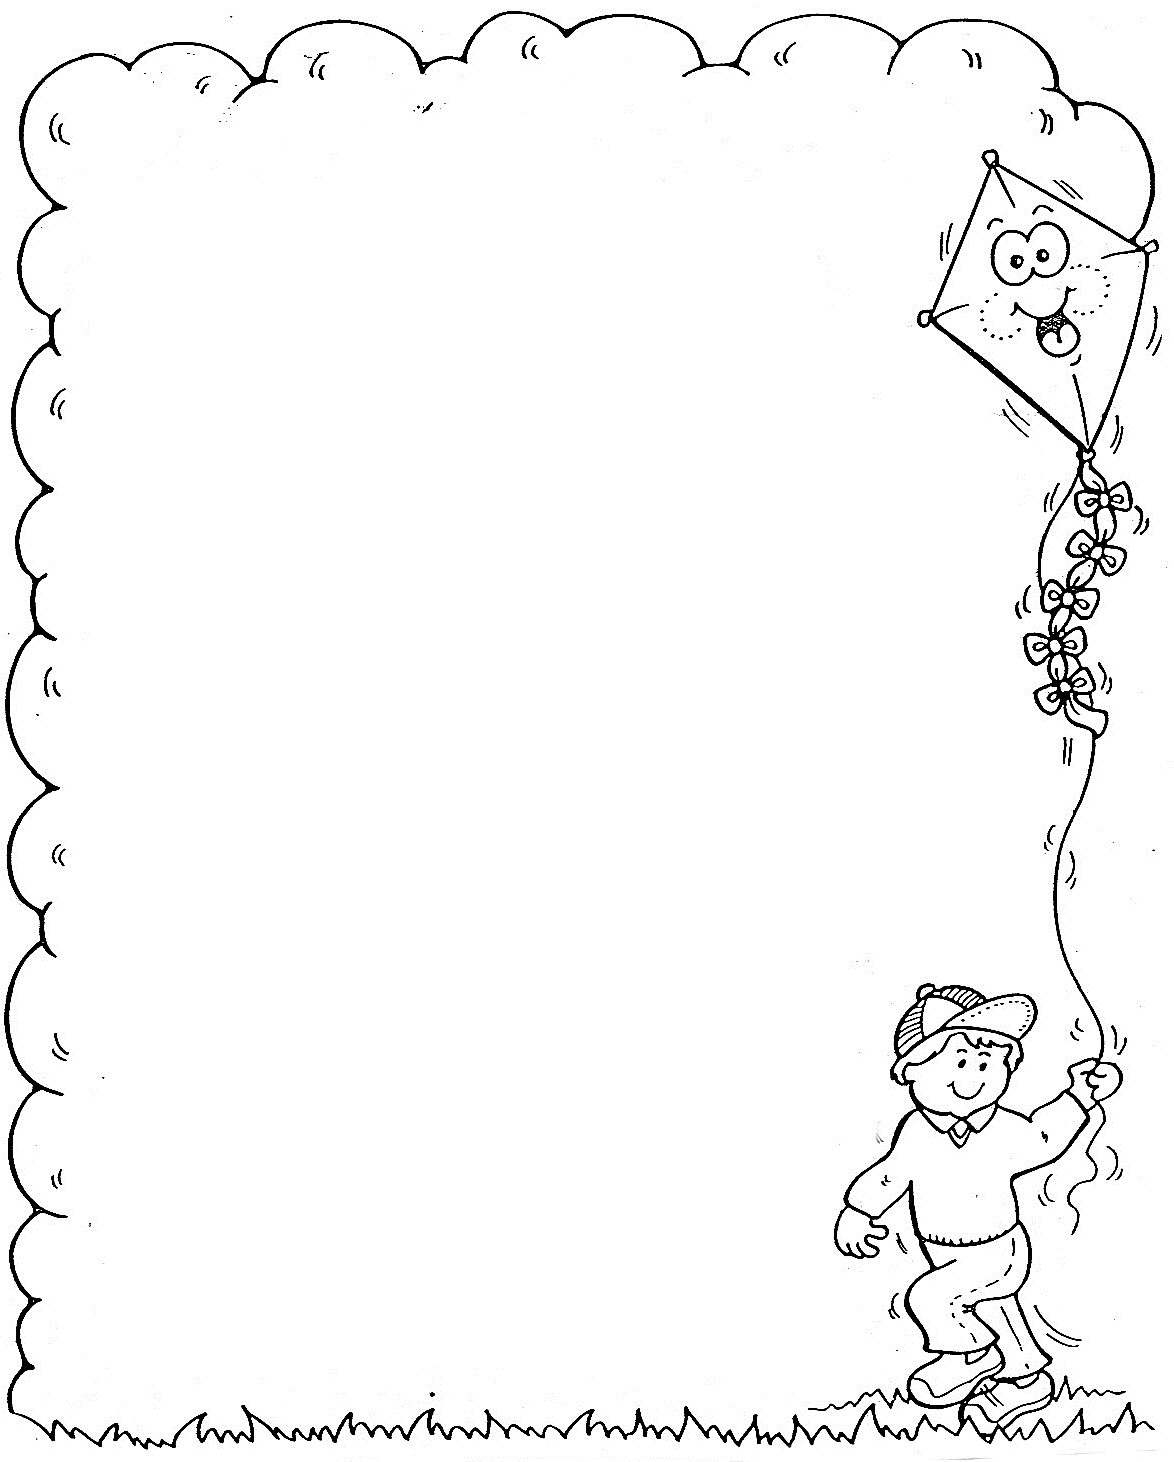 Marcos para colorear - Dibujos para Colorear y Pintar Gratis